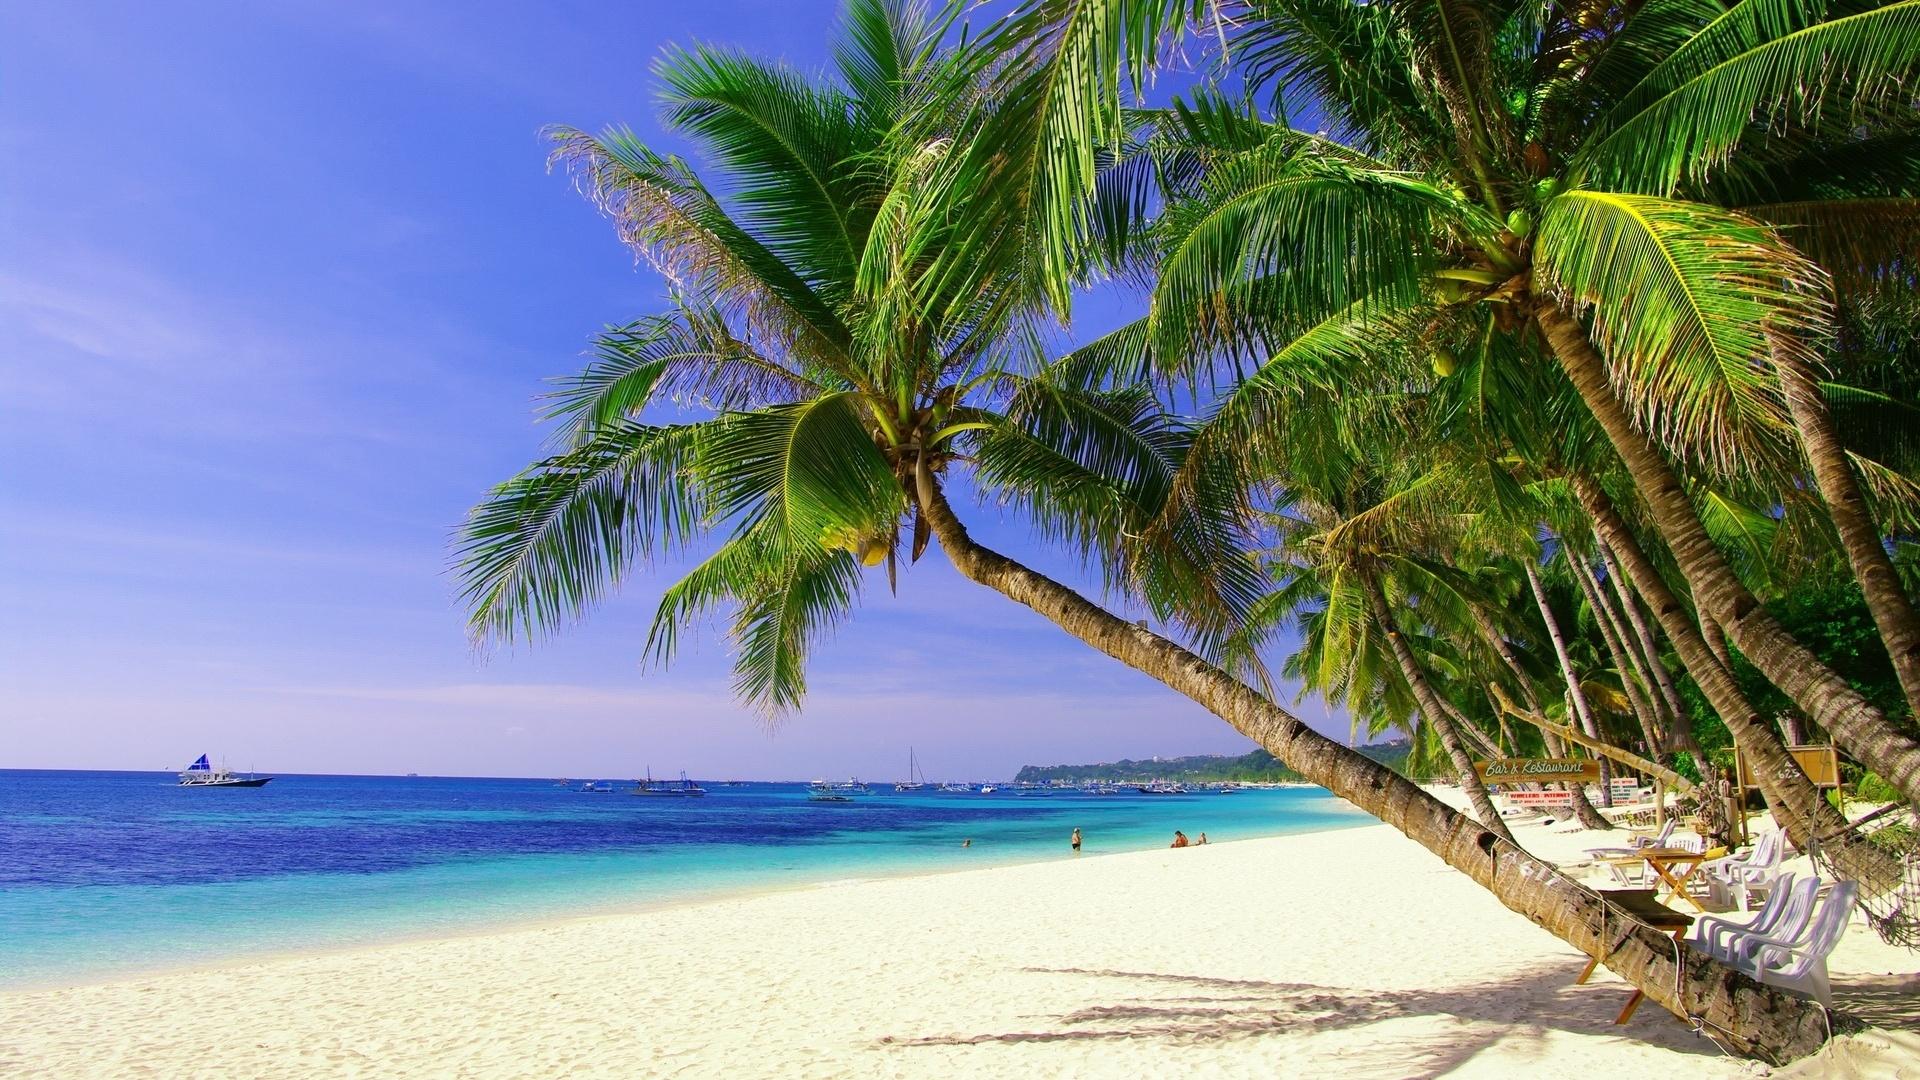 Пальмы, гора, отдых подборки